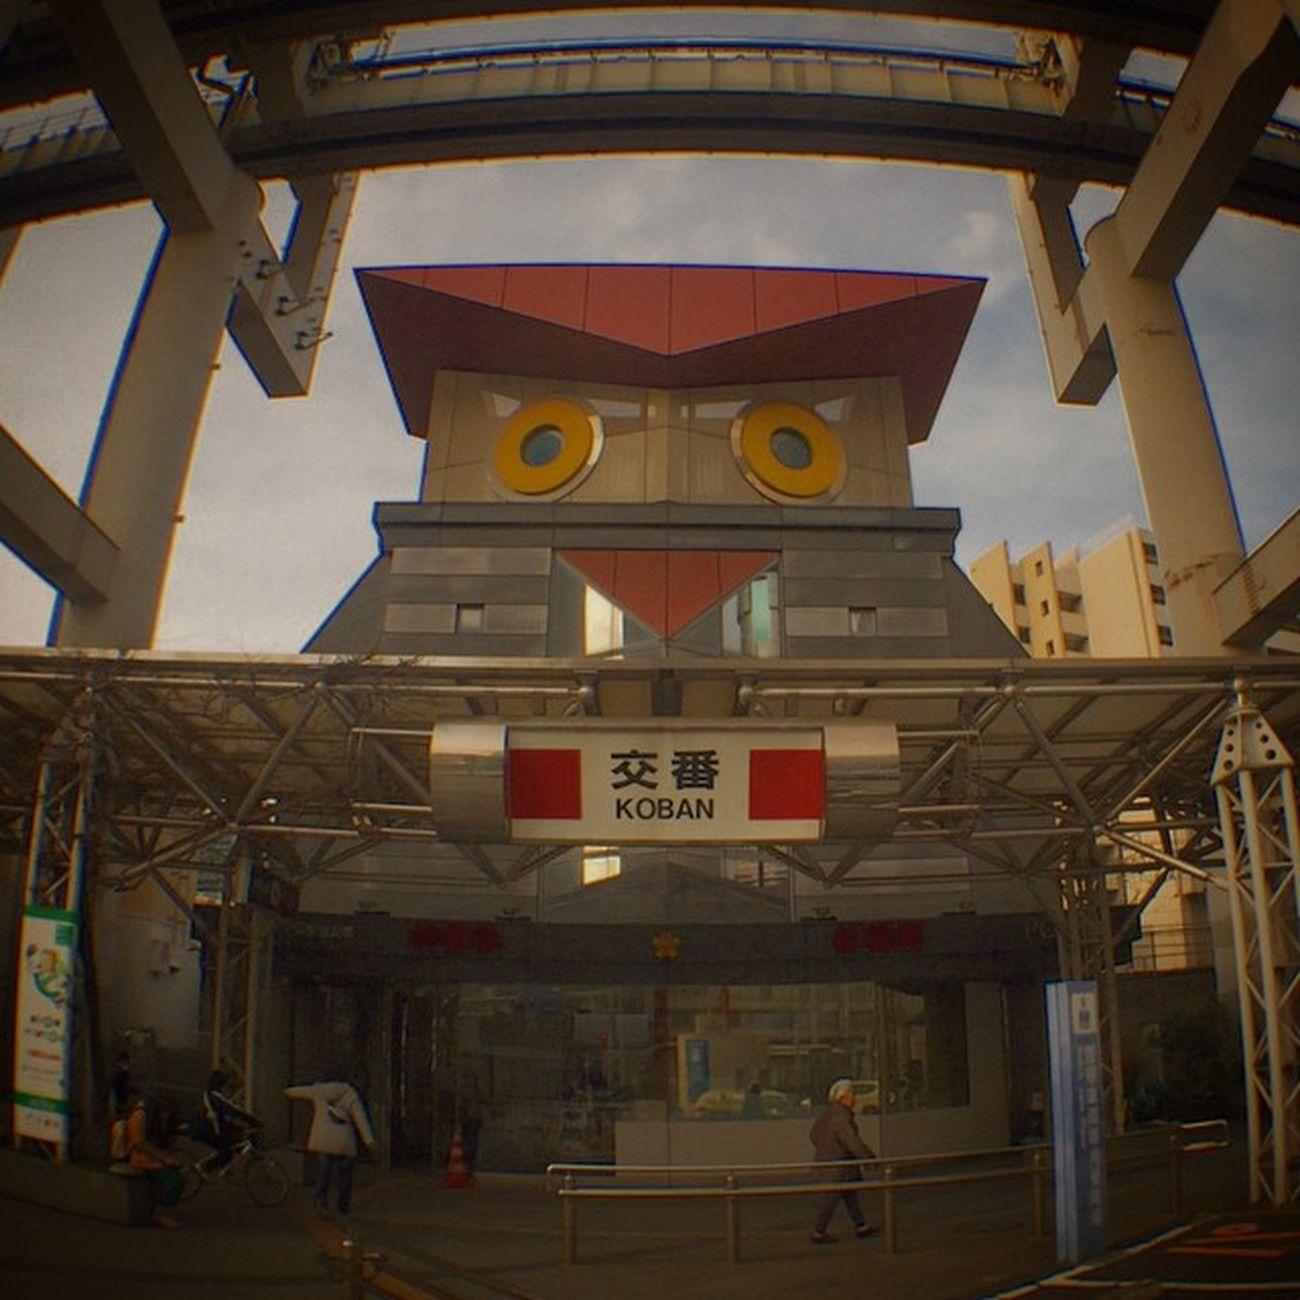 千葉駅東口のふくろう交番。いつ見てもシックリこないなぁ^_^; Policestation Owl Koban Ollioclip Ollioclipfisheye Fisheye